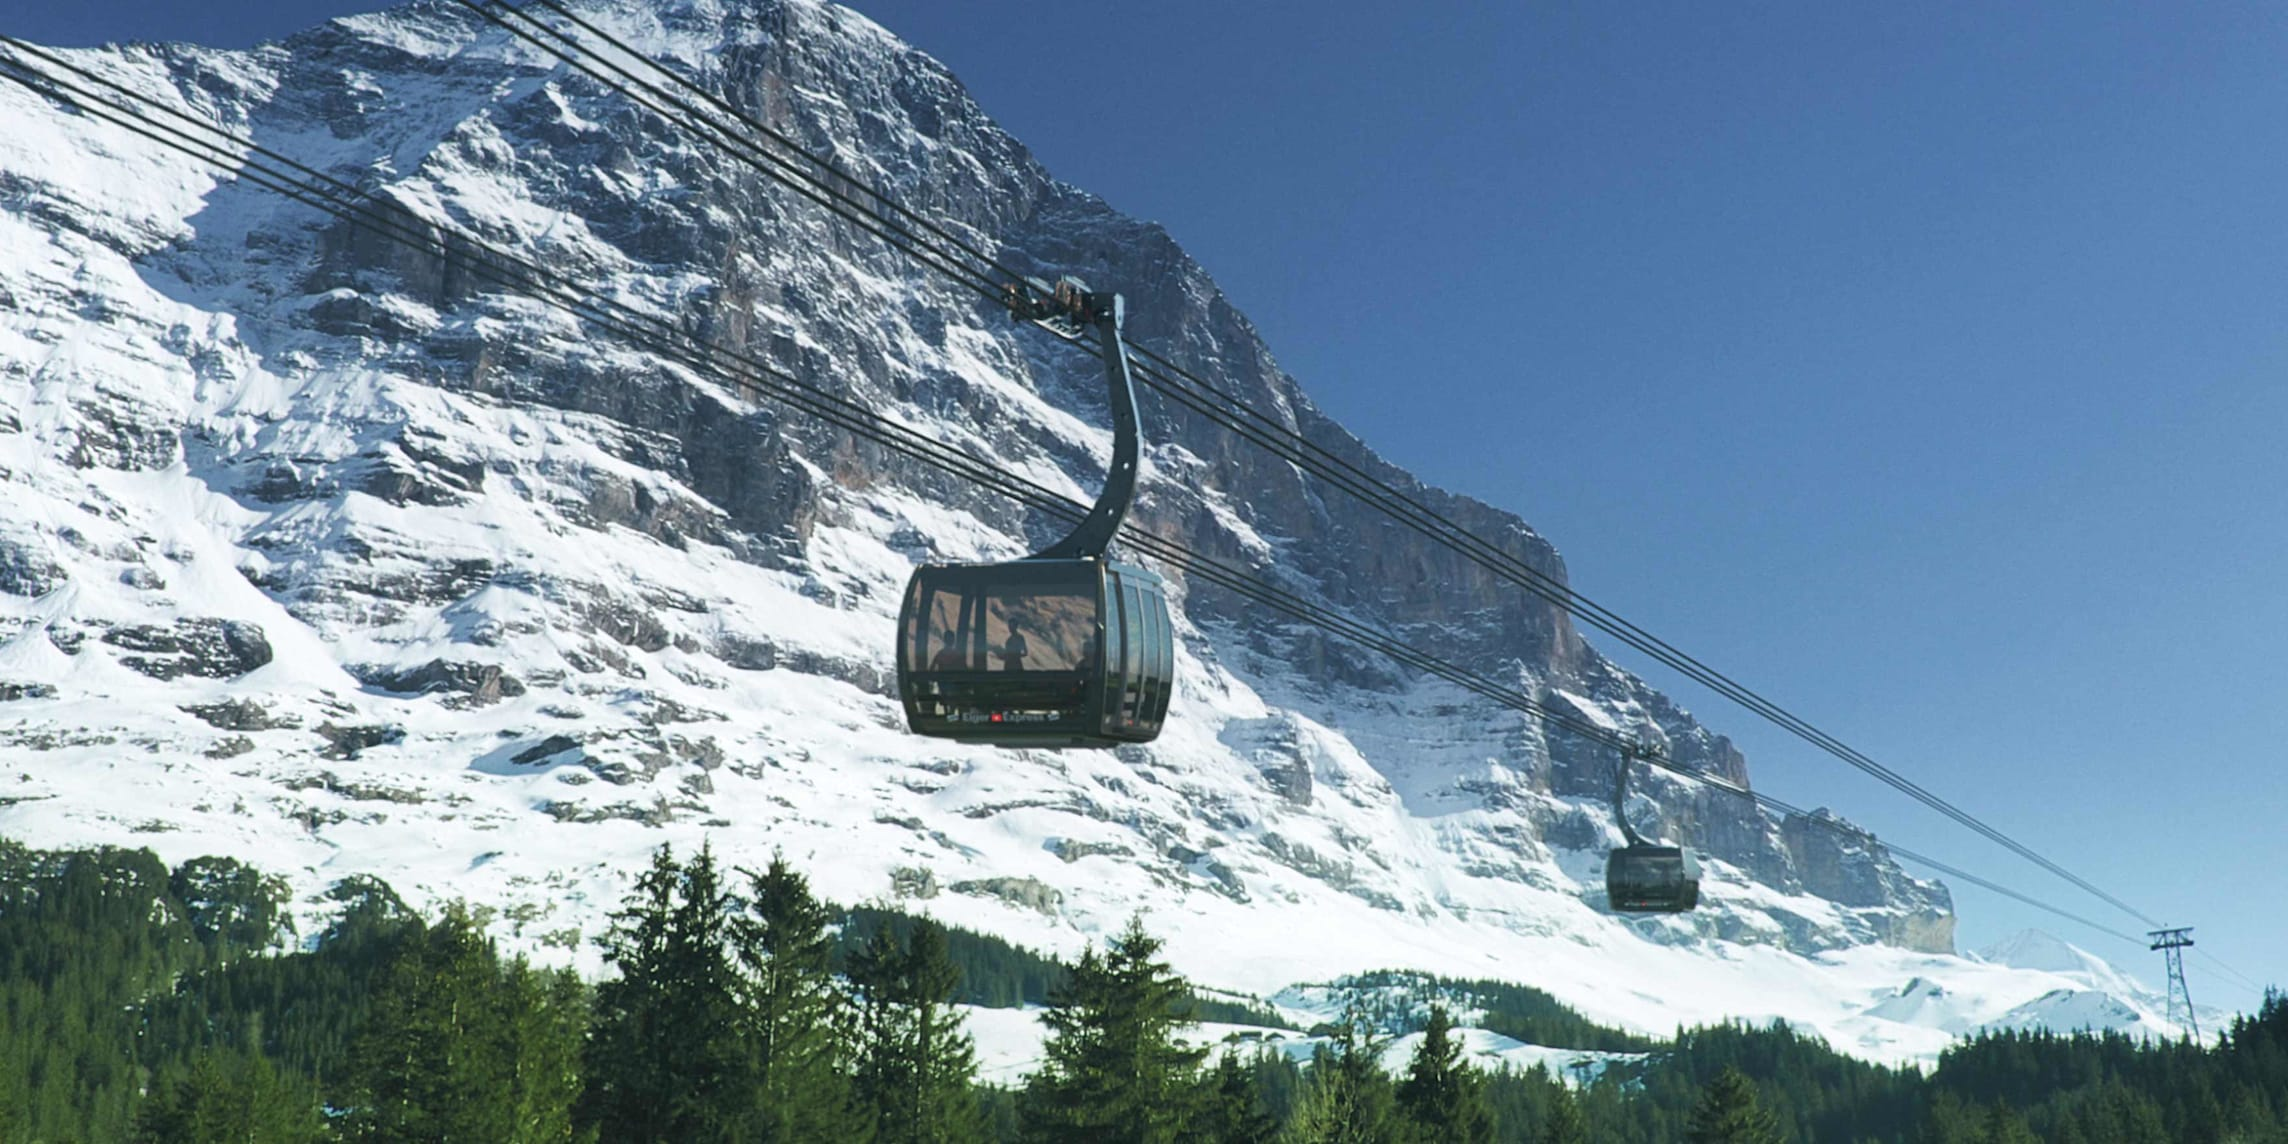 Jungfraubahnen Hintergrundbild 5000x1755px